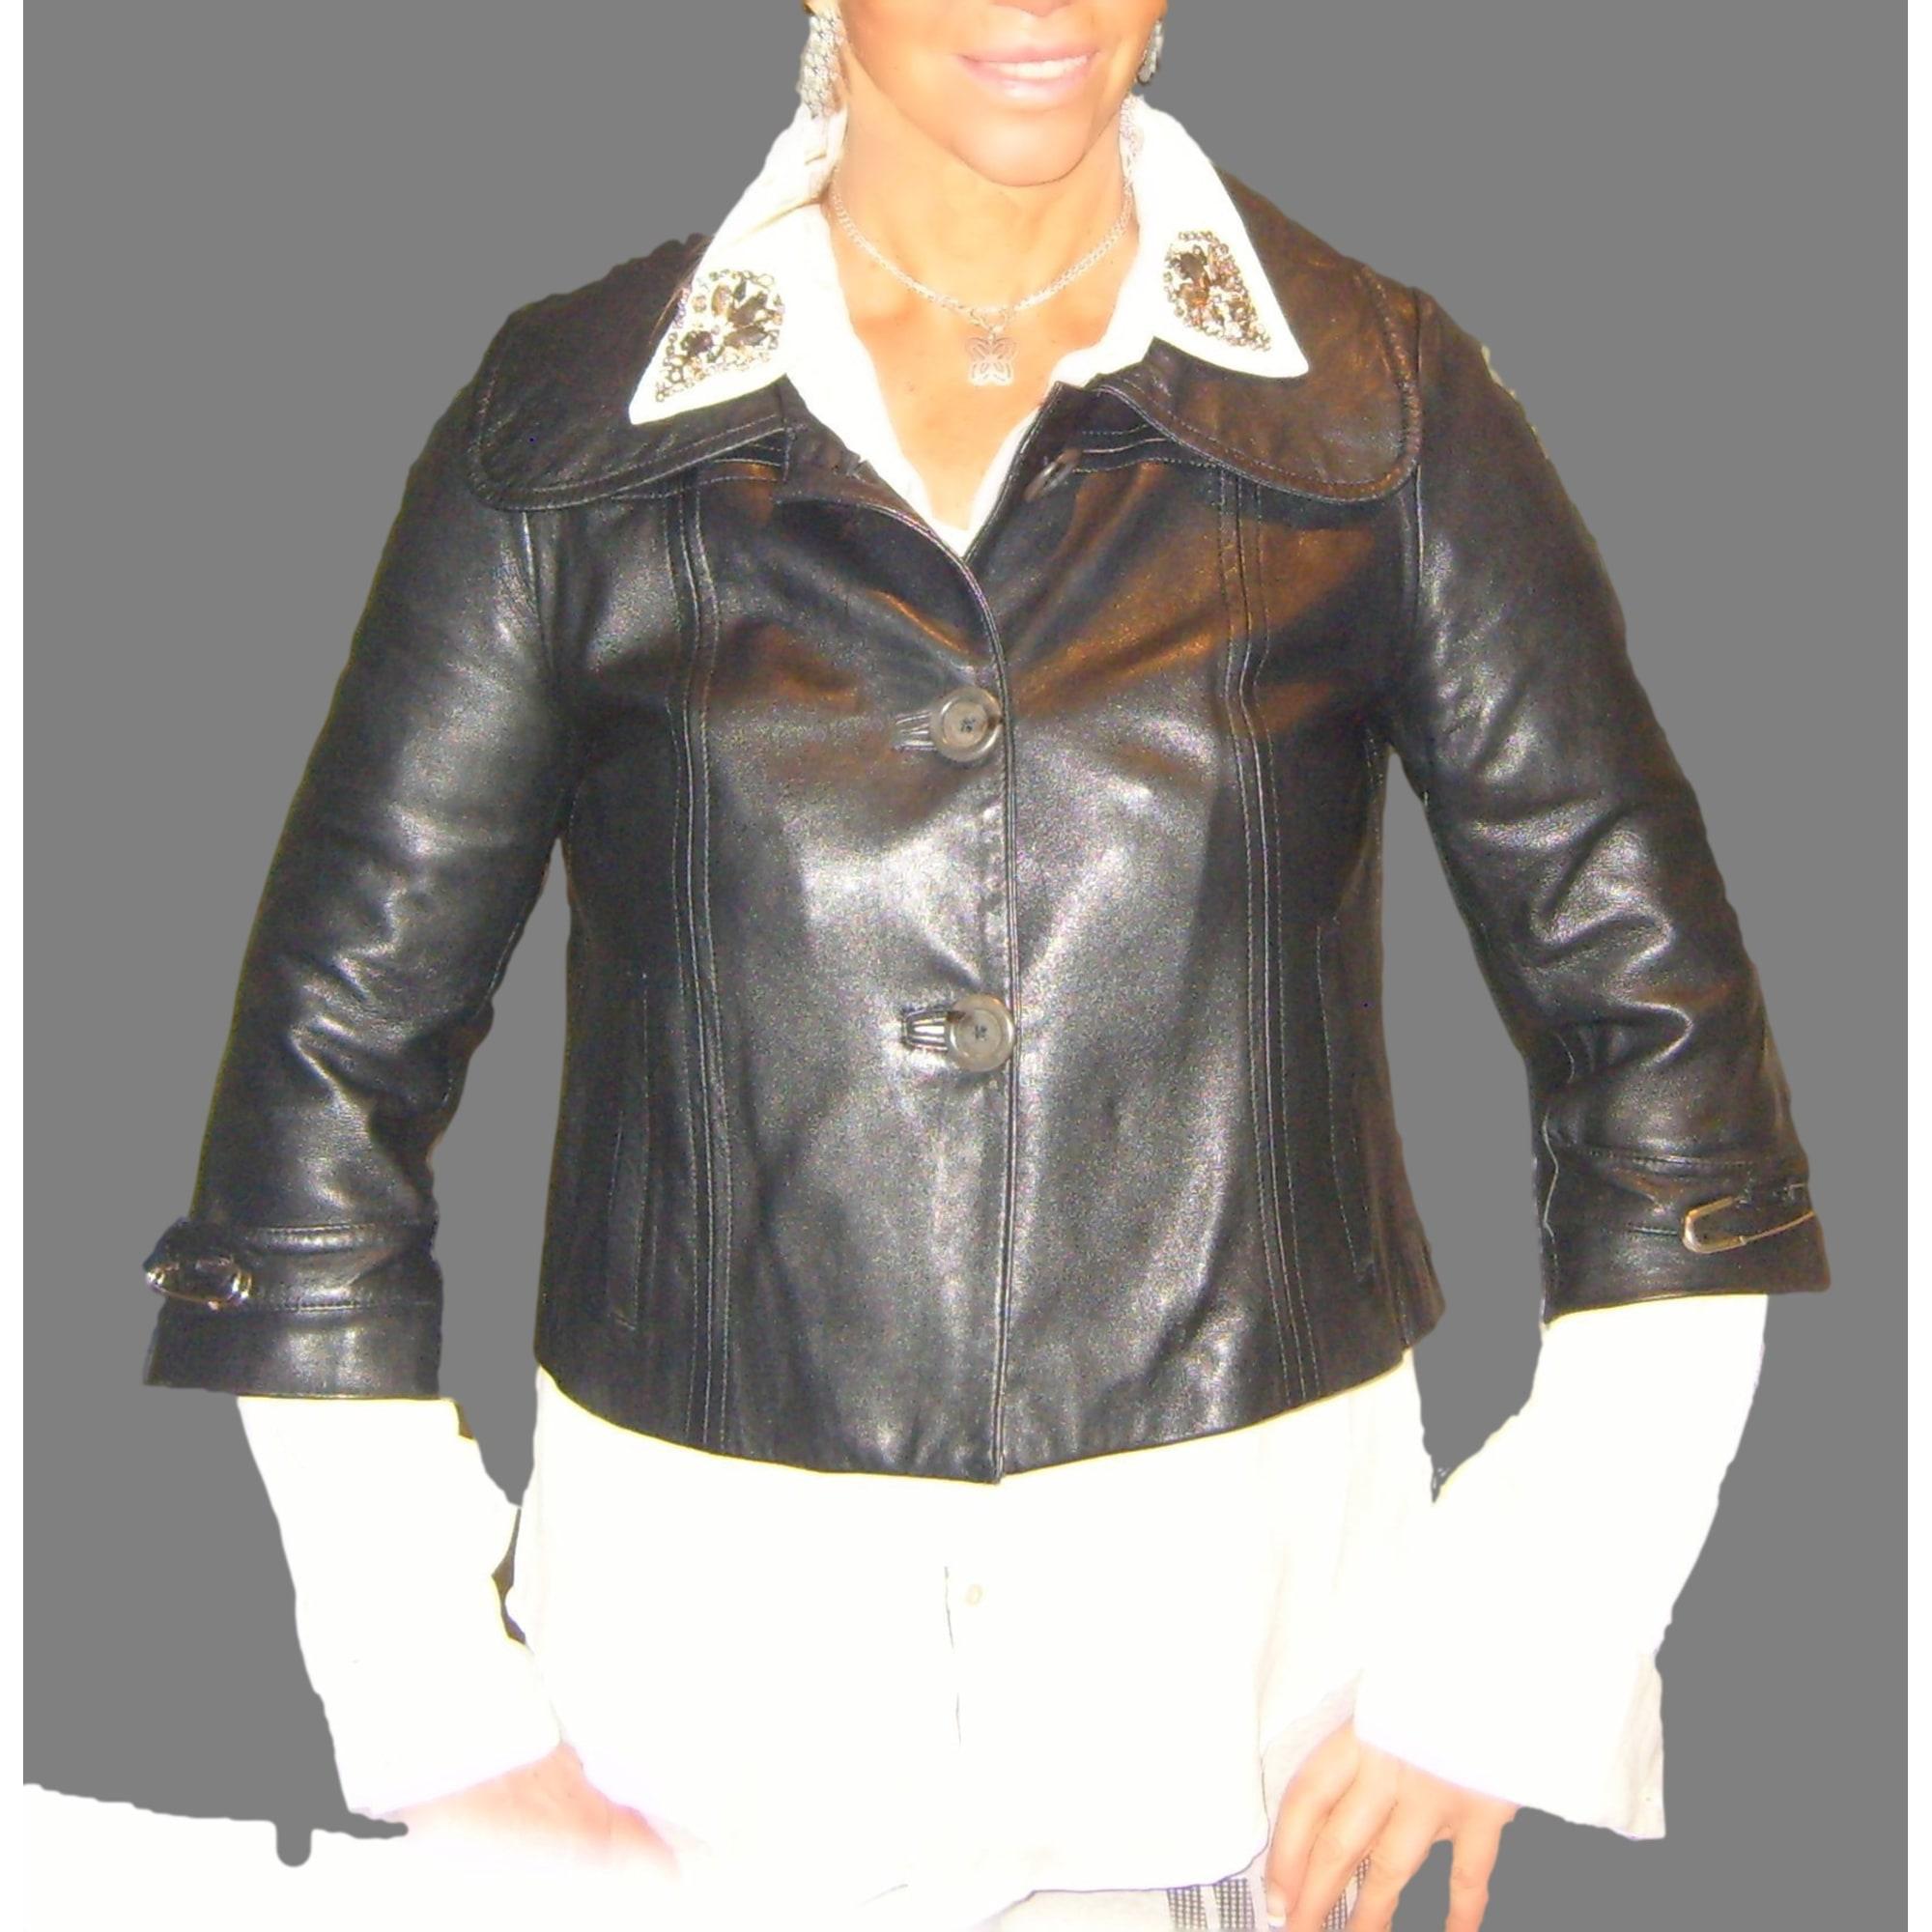 Manigance Blouson Blouson Noir Cuir Cuir Noir Blouson Femme Femme Manigance Aj34LR5q